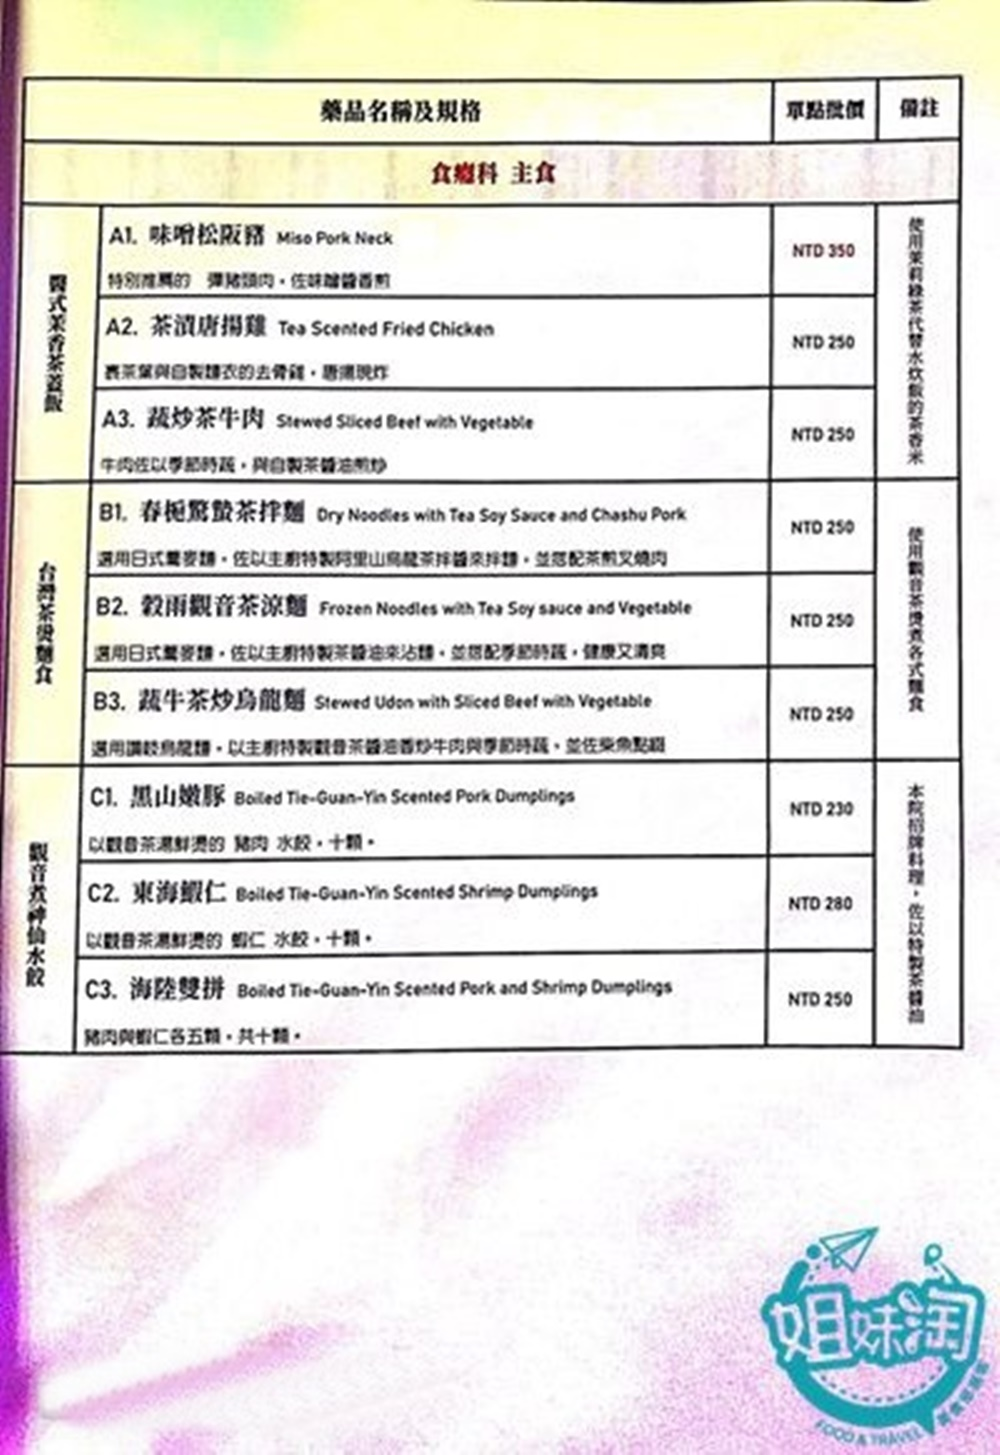 木衛二醫務所菜單,台北茶館,台北景點,台北酒吧,台北gay bar,台北東區,